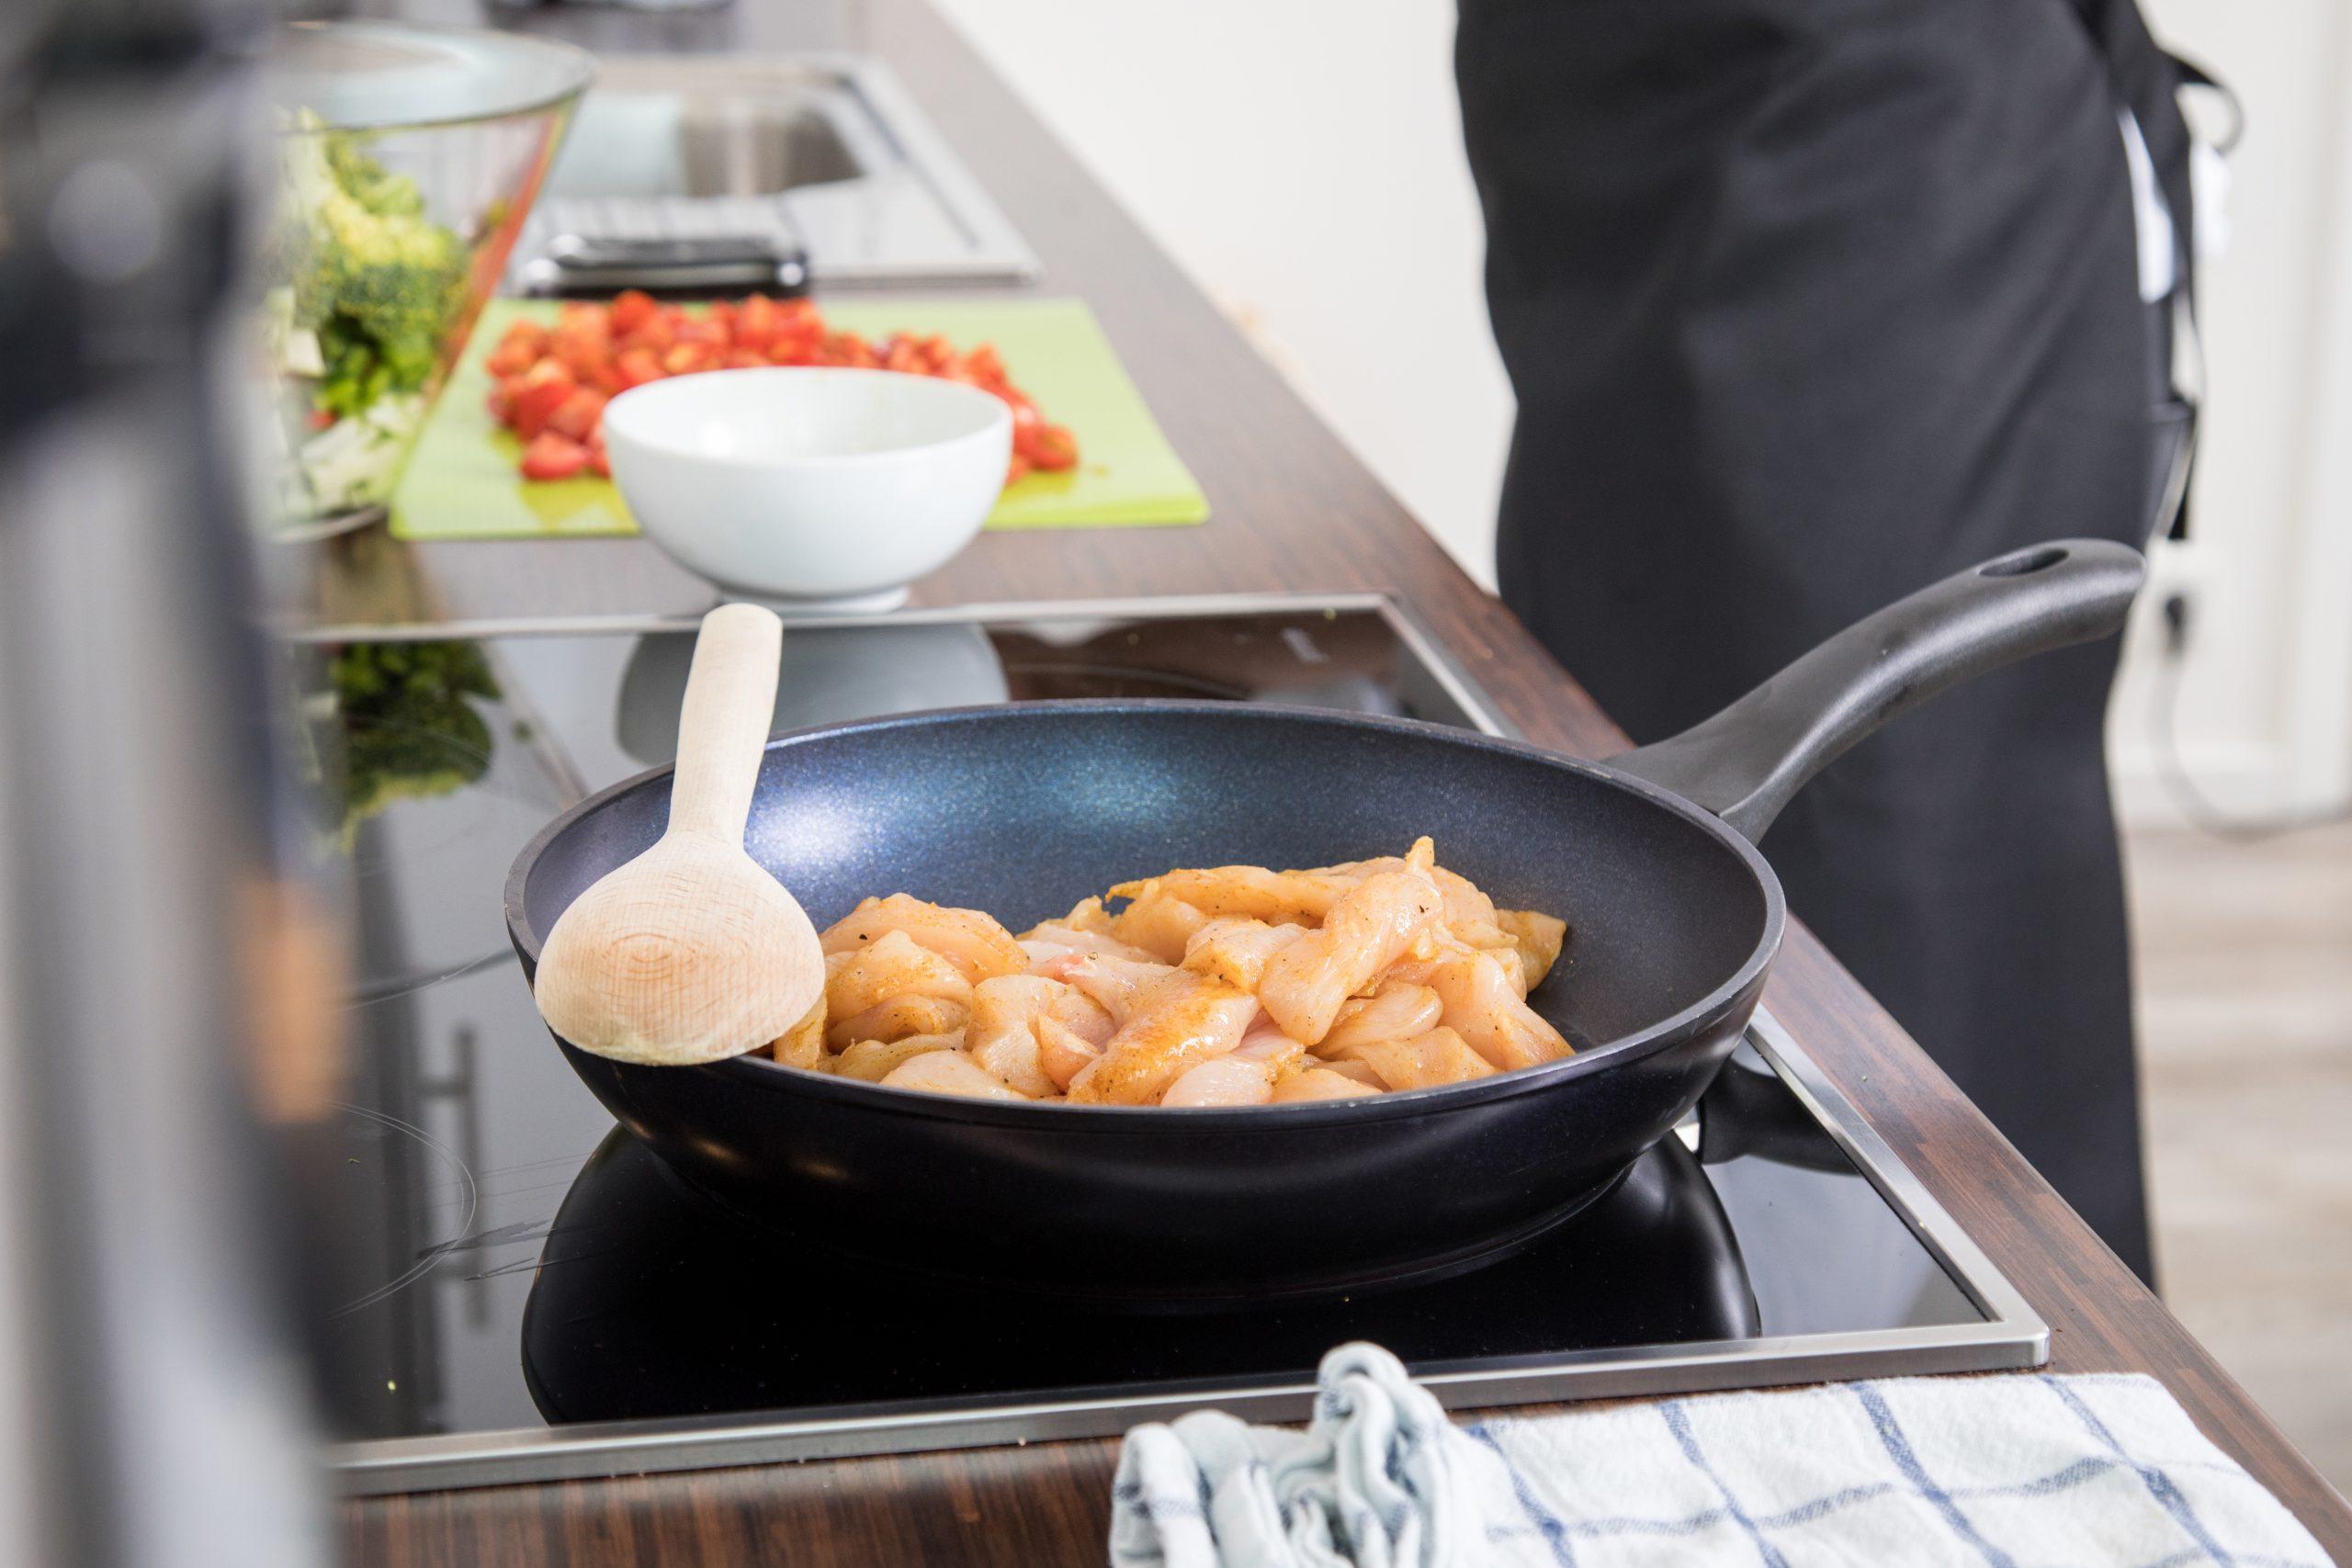 Las salmonelas, las bacterias peligrosas que se esconden en la comida